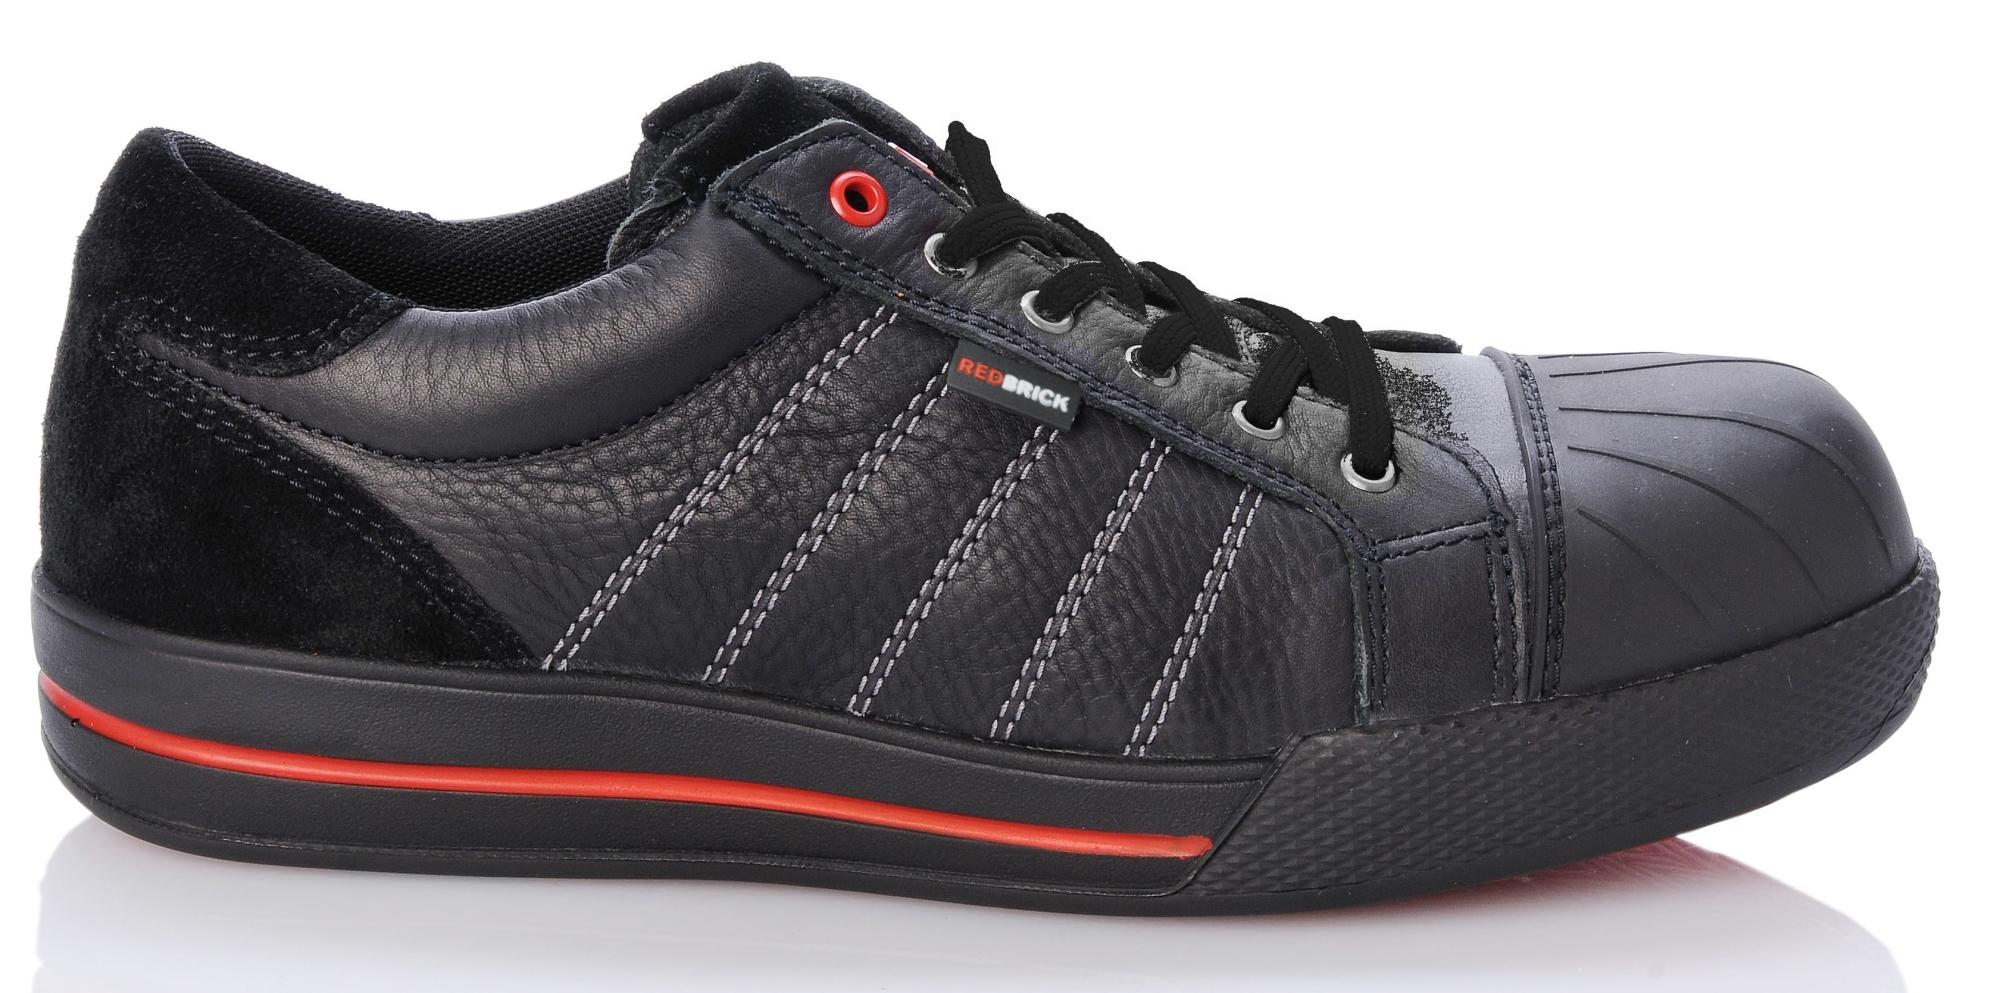 sicherheitsschuhe sneaker 2w4 sportlich chuck leicht s3 ebay. Black Bedroom Furniture Sets. Home Design Ideas